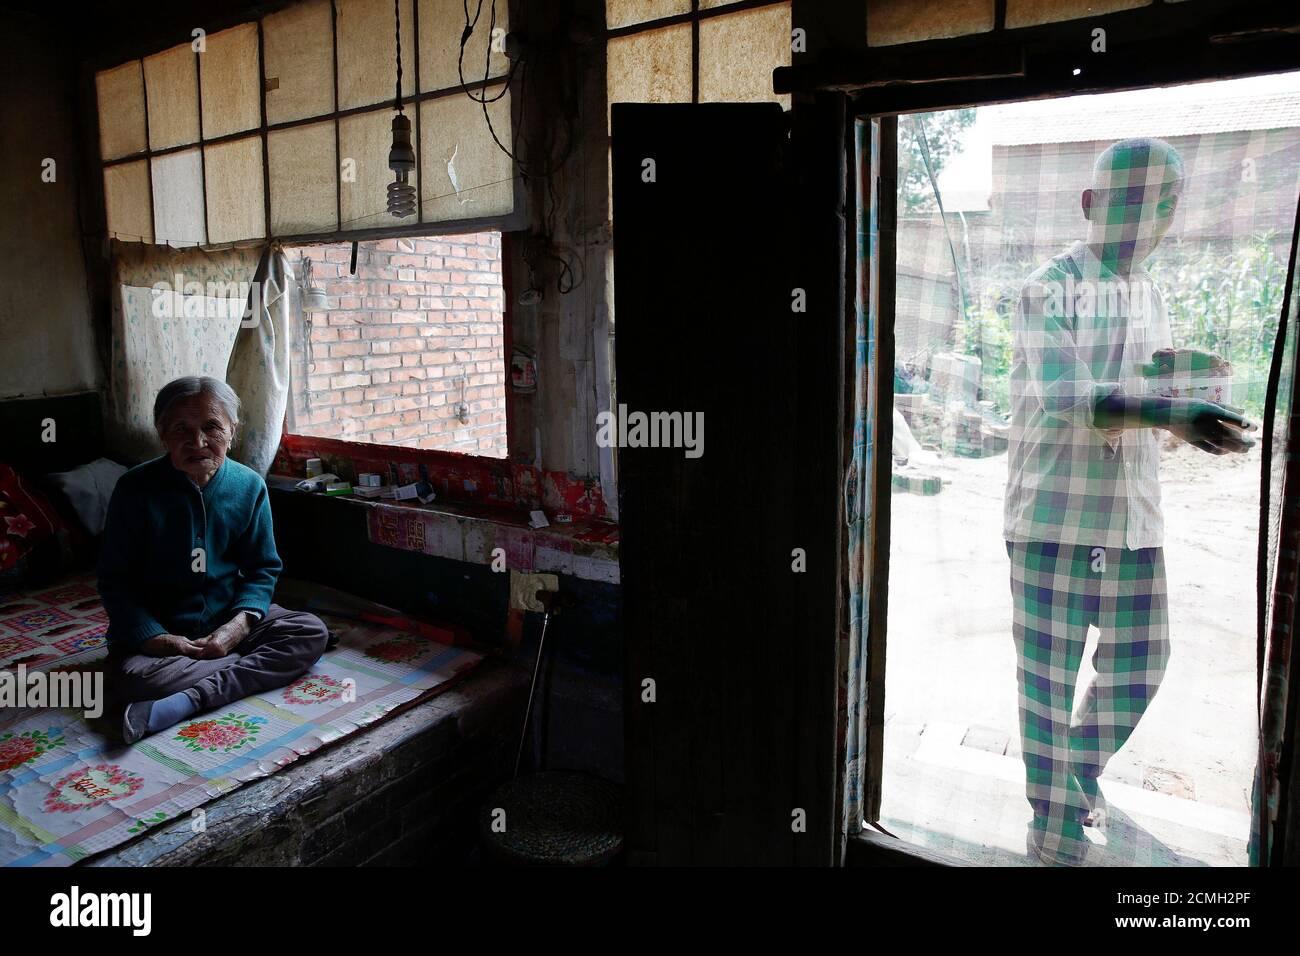 L'ancienne 'femme de confort' chinoise Zhang Xiantu repose sur un lit traditionnel en brique tandis que son fils apporte son déjeuner à Xiyan Town, province du Shanxi, Chine, le 18 juillet 2015. « les femmes de confort » est l'euphémisme japonais pour les femmes qui ont été forcées à la prostitution et victimes d'abus sexuels dans des maisons de prostitution militaires japonaises avant et pendant la Seconde Guerre mondiale. Zhang est la seule ancienne 'femme de réconfort' survivante des 16 plaignants de Shanxi qui ont poursuivi le gouvernement japonais en 1995 pour avoir enlevé des filles et les utiliser comme 'femme de réconfort' pendant la deuxième Guerre mondiale. Selon les informations de la Commission d'enquête de la Chine sur le fait Banque D'Images